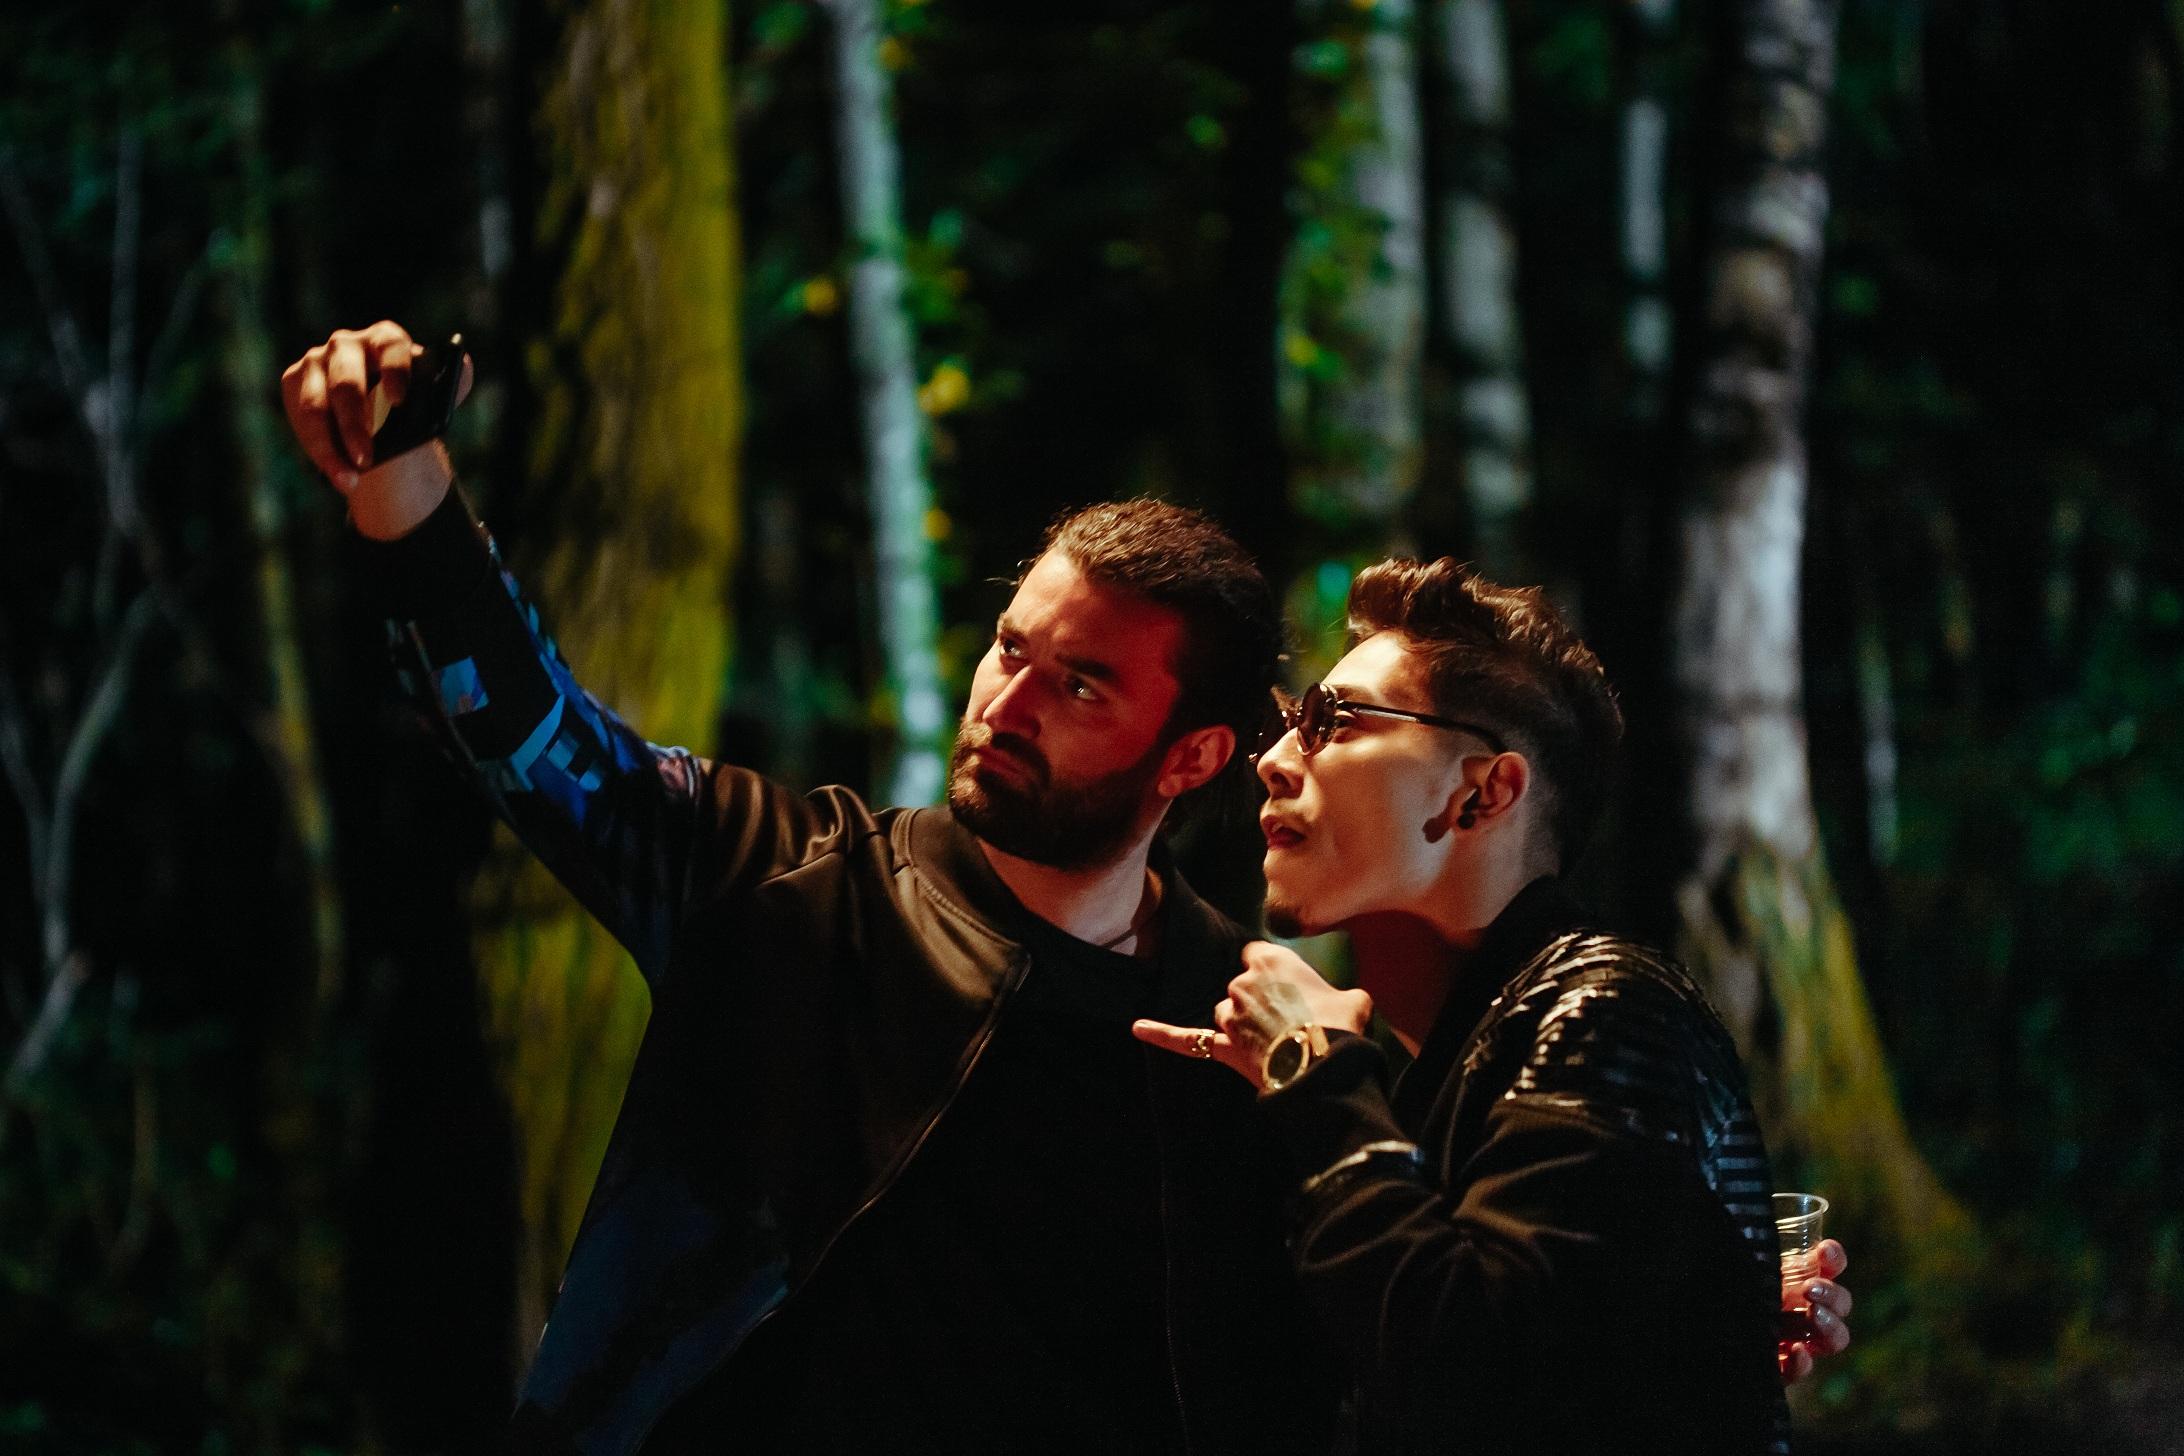 """Smiley lanseaza """"RARA"""" impreuna cu Juno – o nebunie muzicala cu lumini si umbre, filmata cu ajutorul unei tehnologii unice in Romania"""